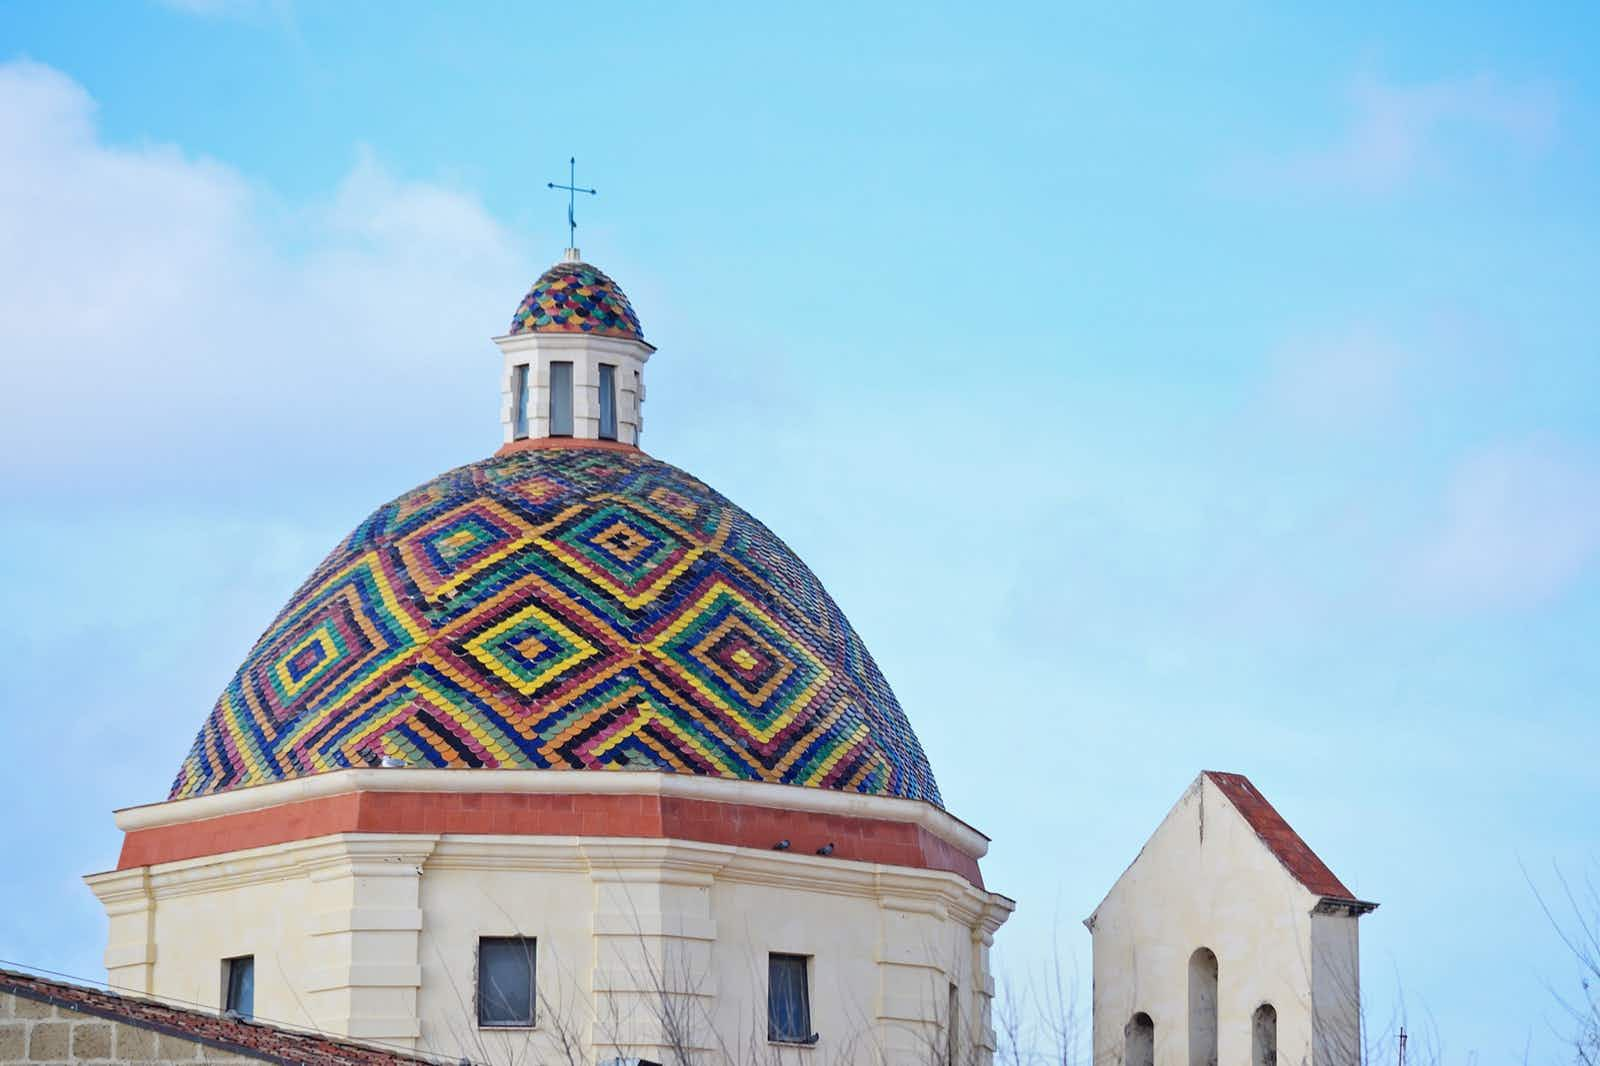 San Michele dome under a clear sky in Alghero ©  ©Gabriele Maltinti / Shutterstock